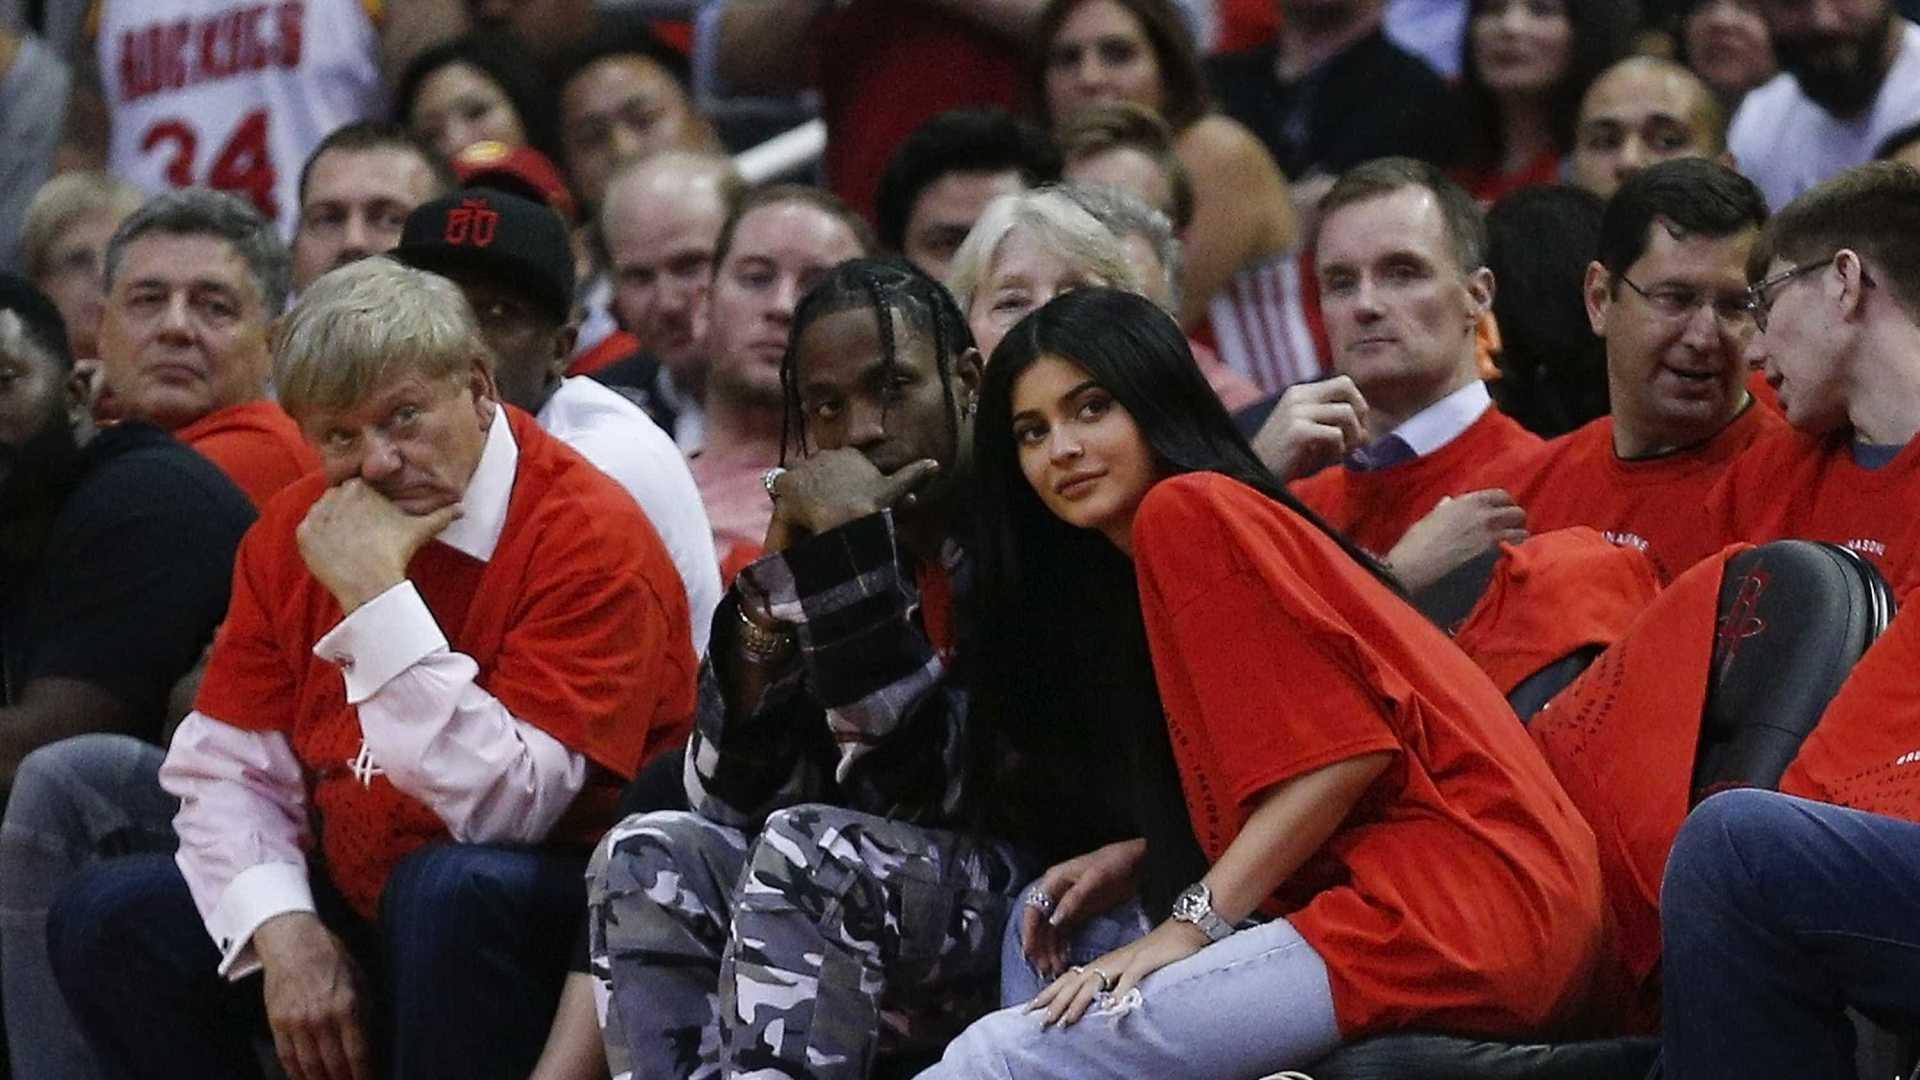 Kylie Jennercasou em segredo? A enigmática resposta de Kim Kardashian